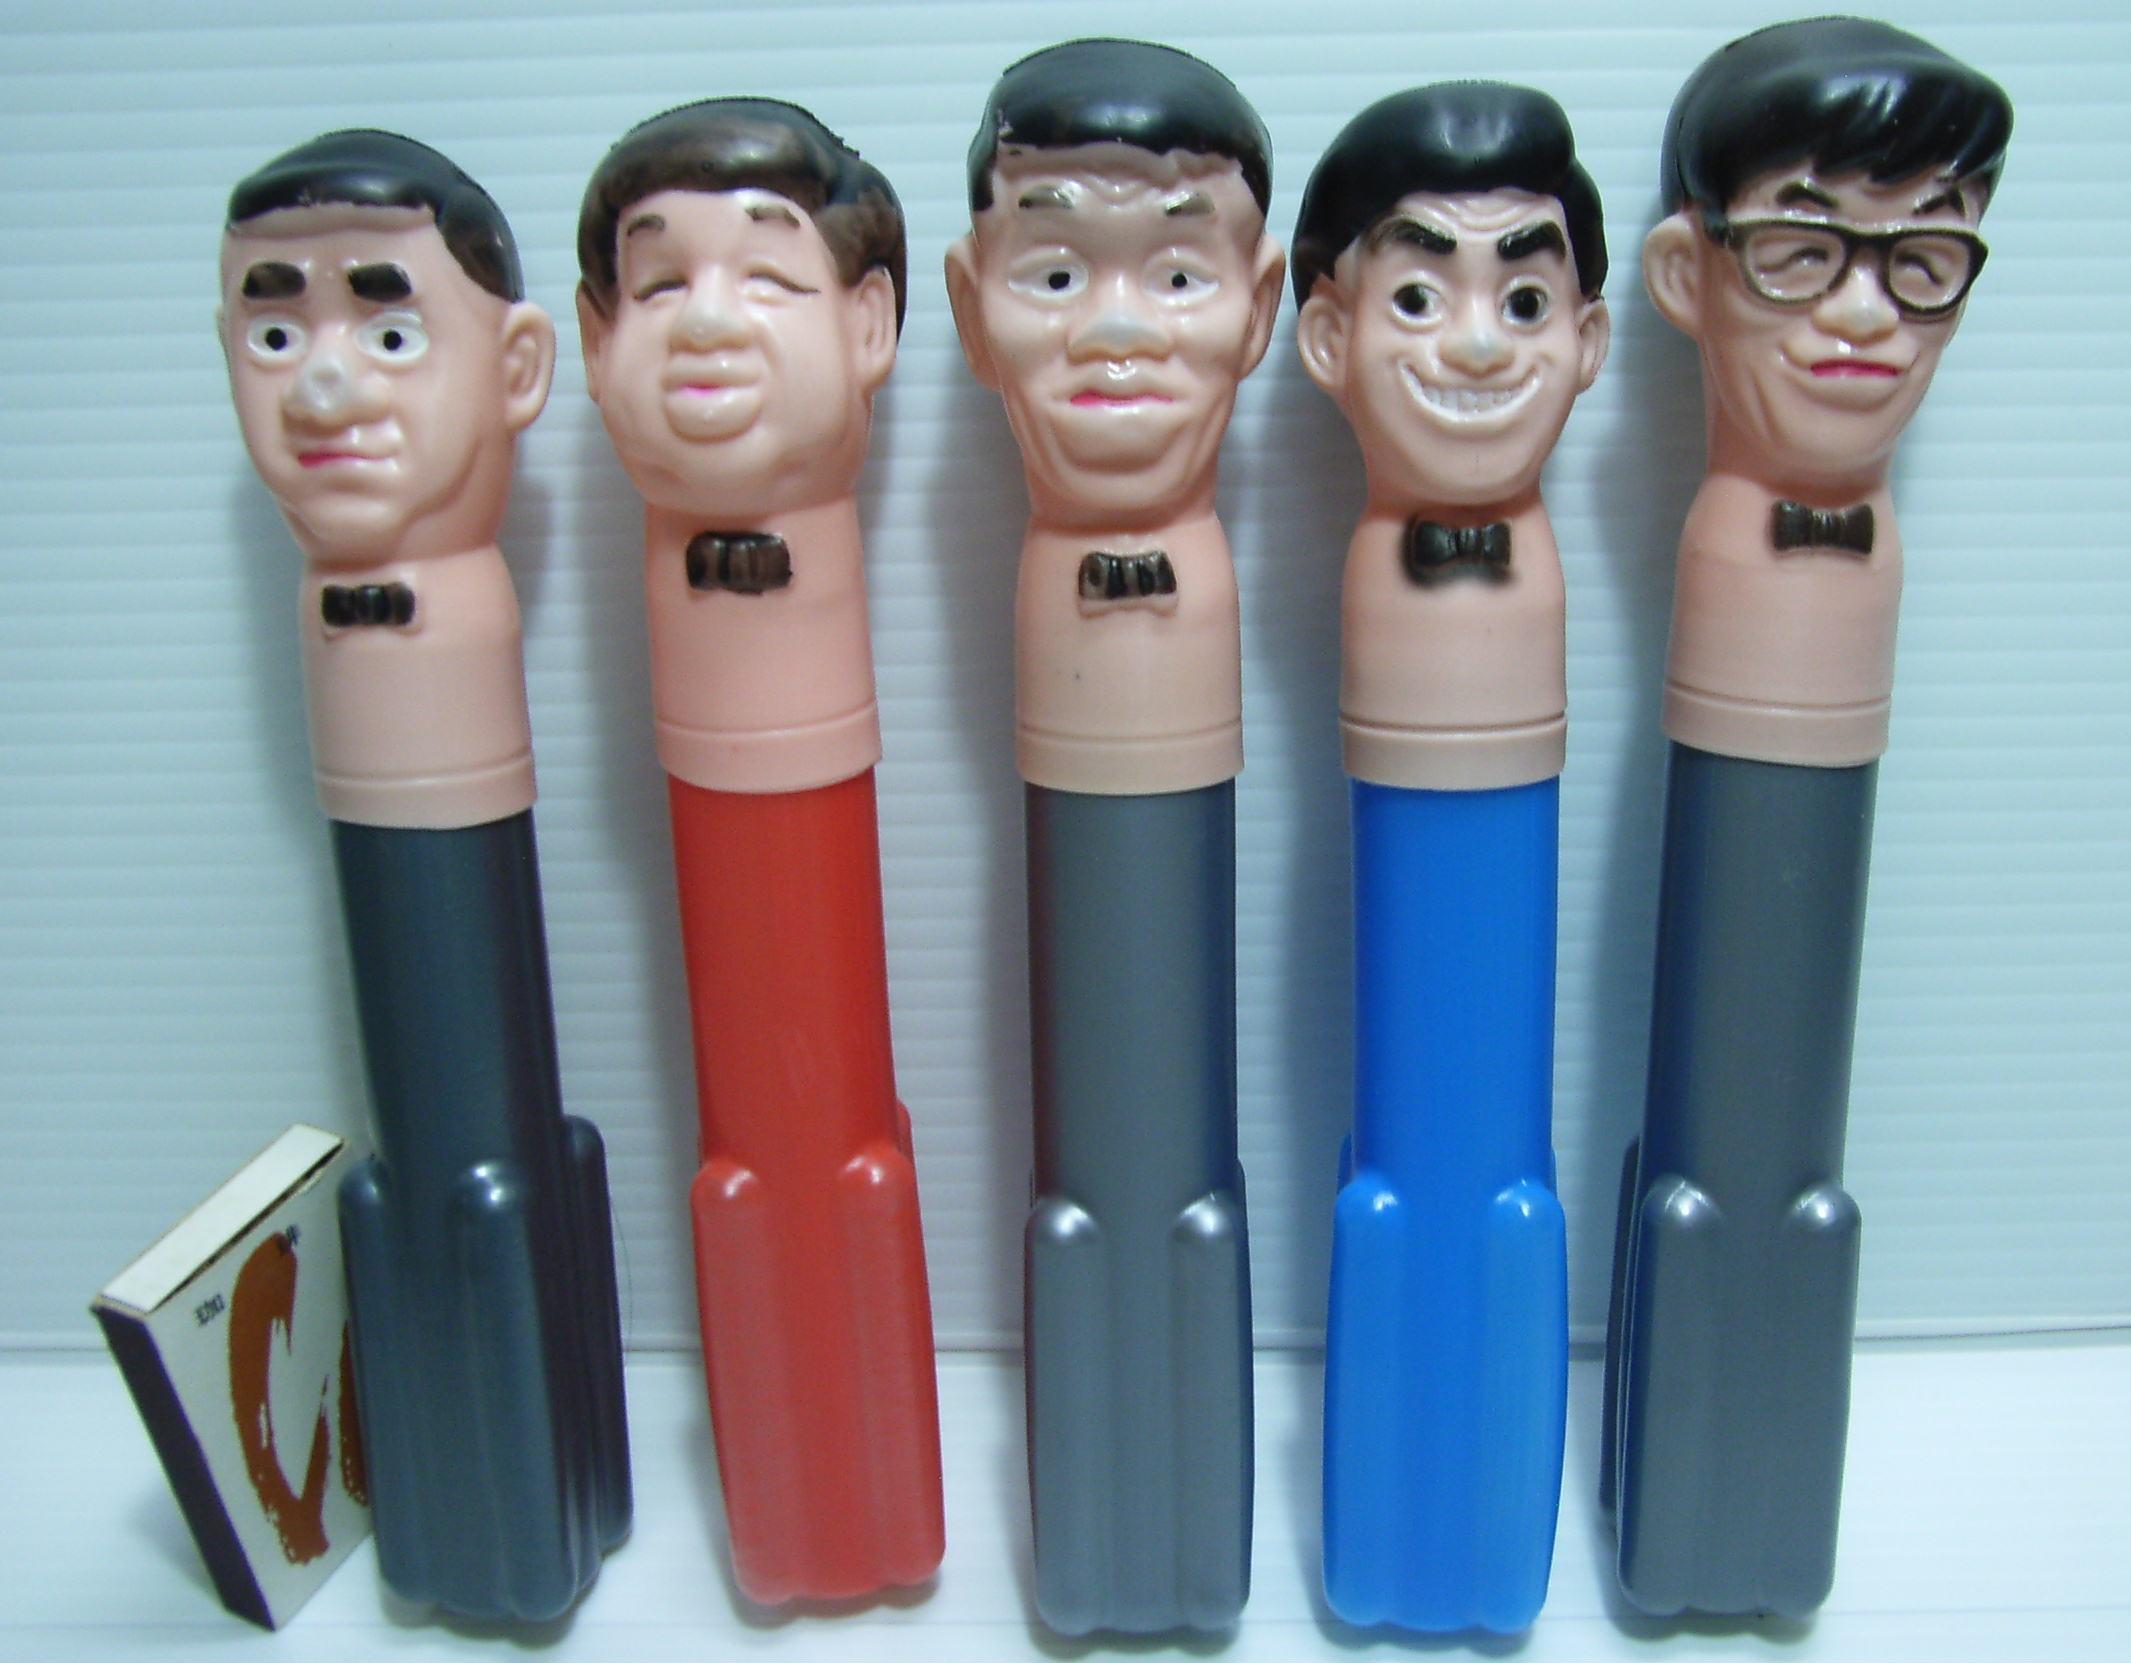 レア☆トンボ鉛筆 ドリフターズ 首チョンパ 5体セット 当時 企業物 非売品 【TO2499】